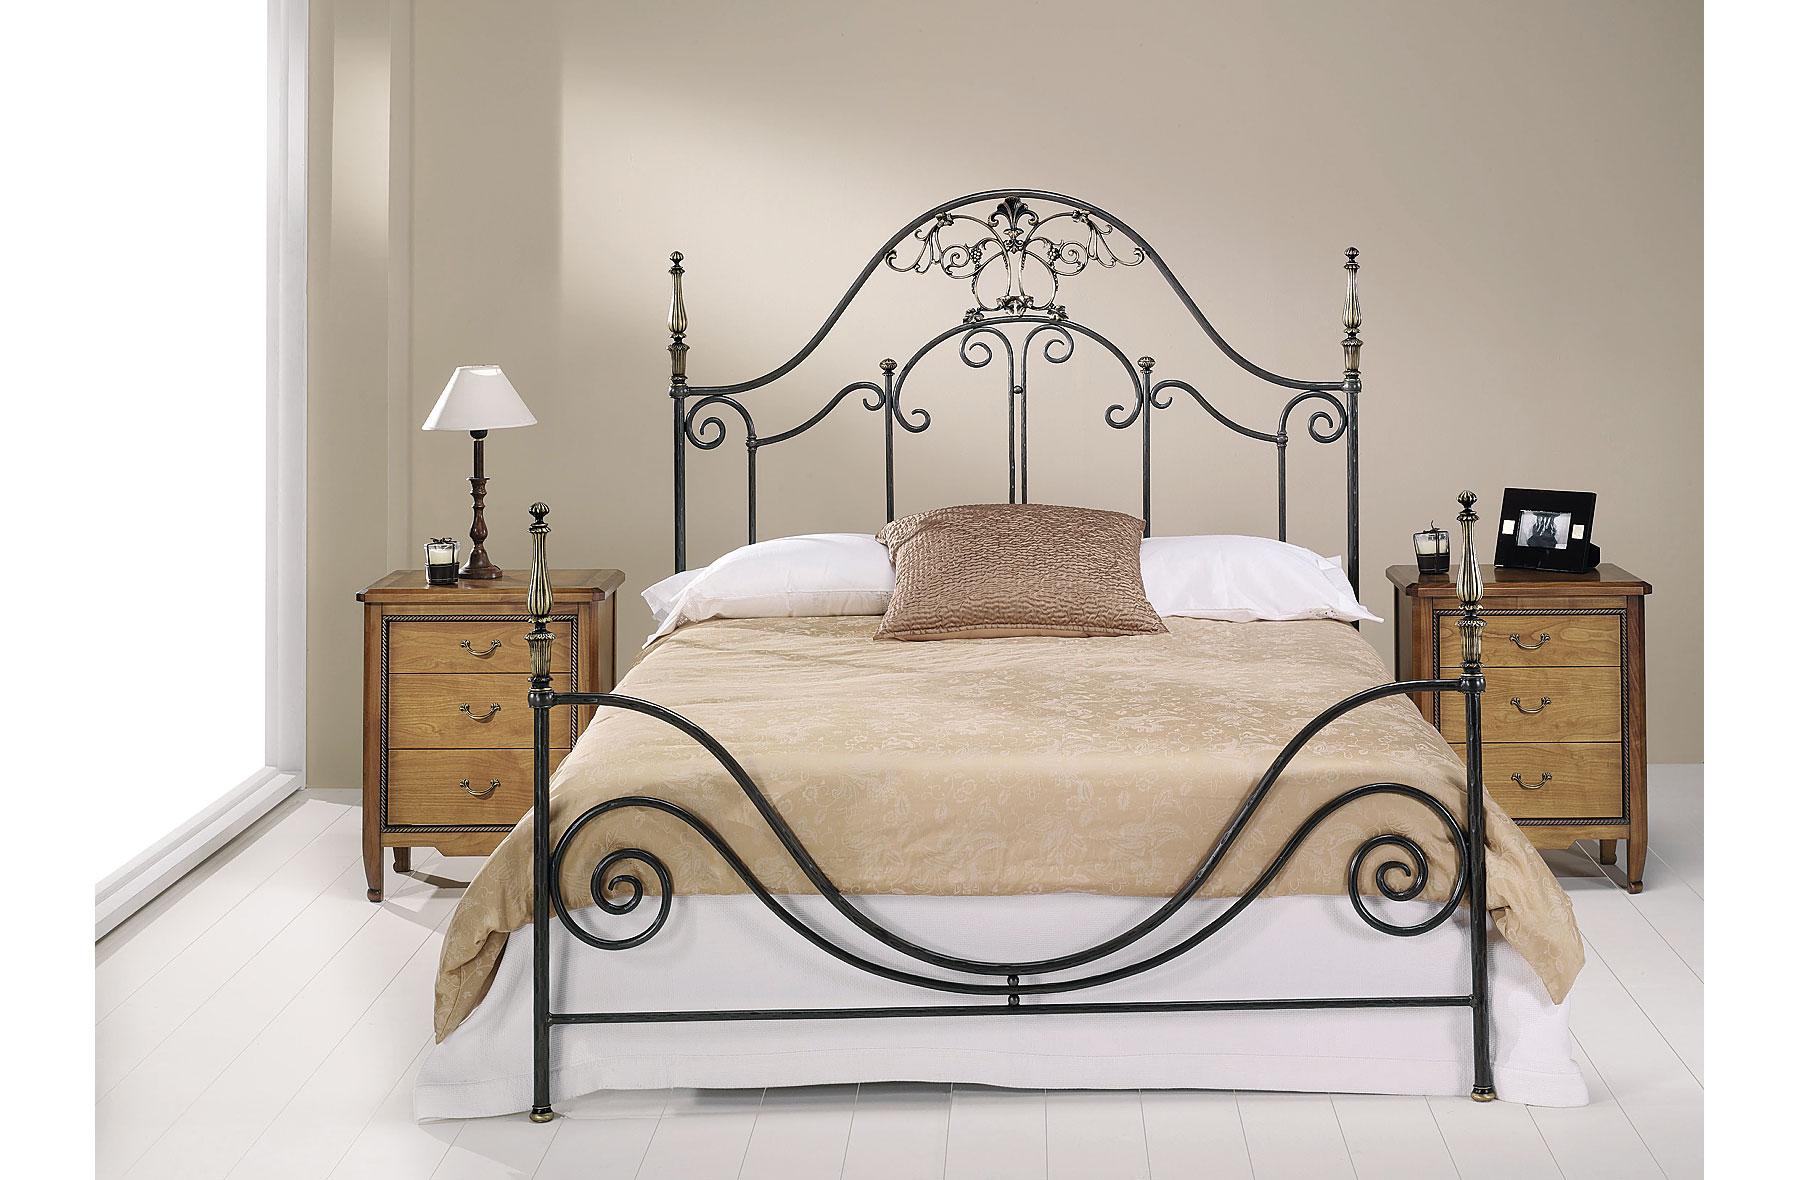 Dormitorio forja rebeca en Muebles dormitorio